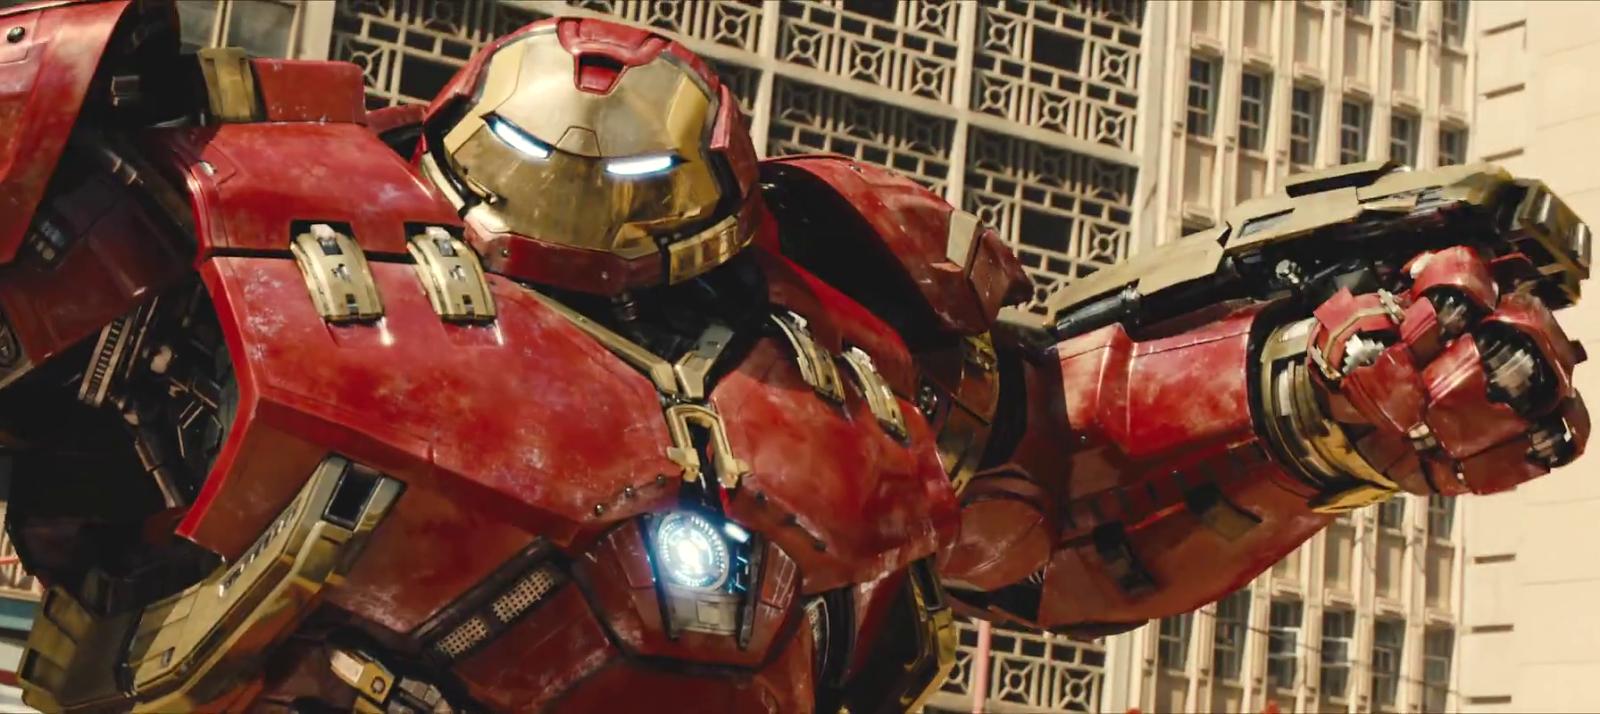 Todos tentam levantar o Mjolnir no trailer estendido de Vingadores: Era de Ultron